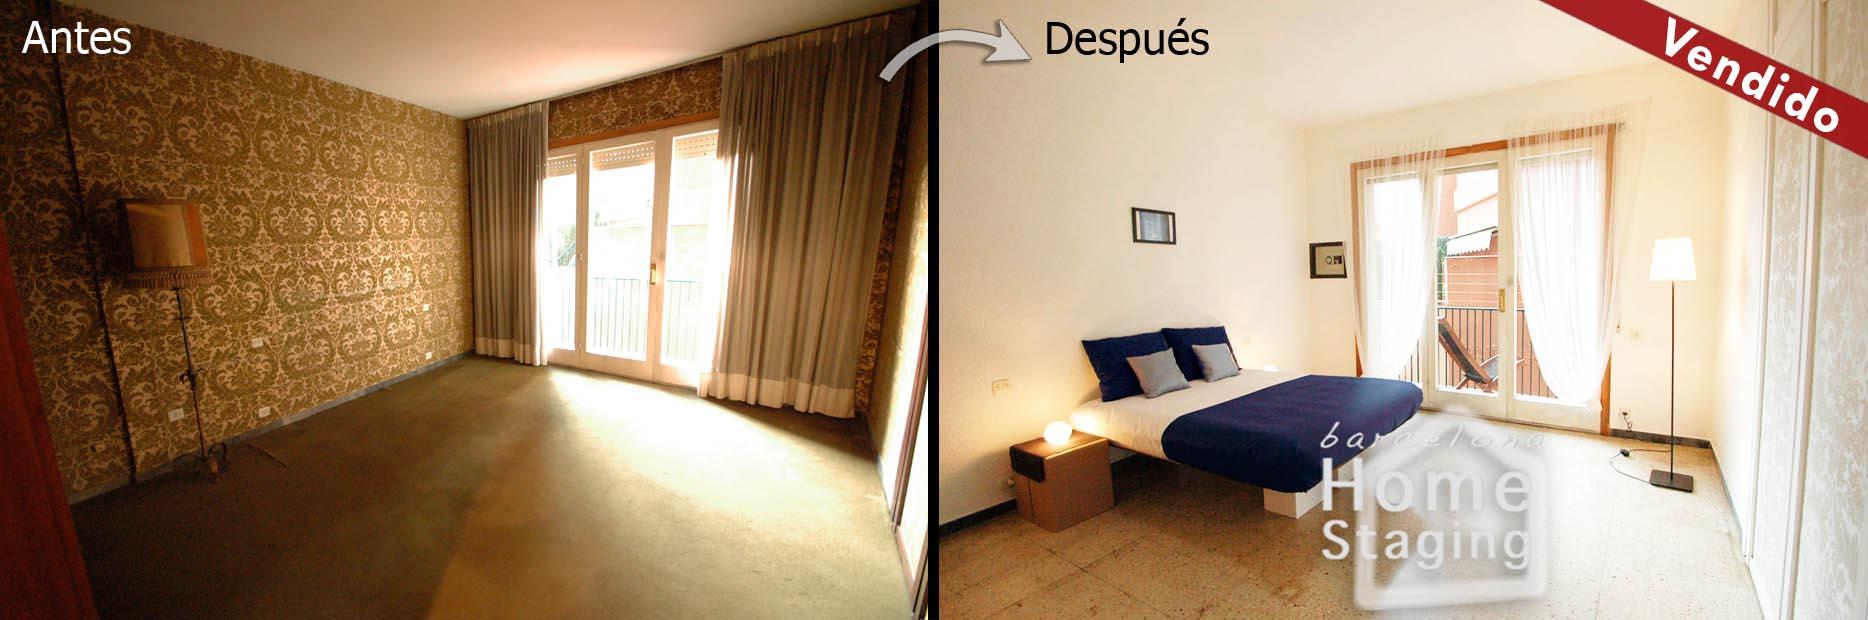 home-staging-barcelona-dormitorio-muebles-cartón